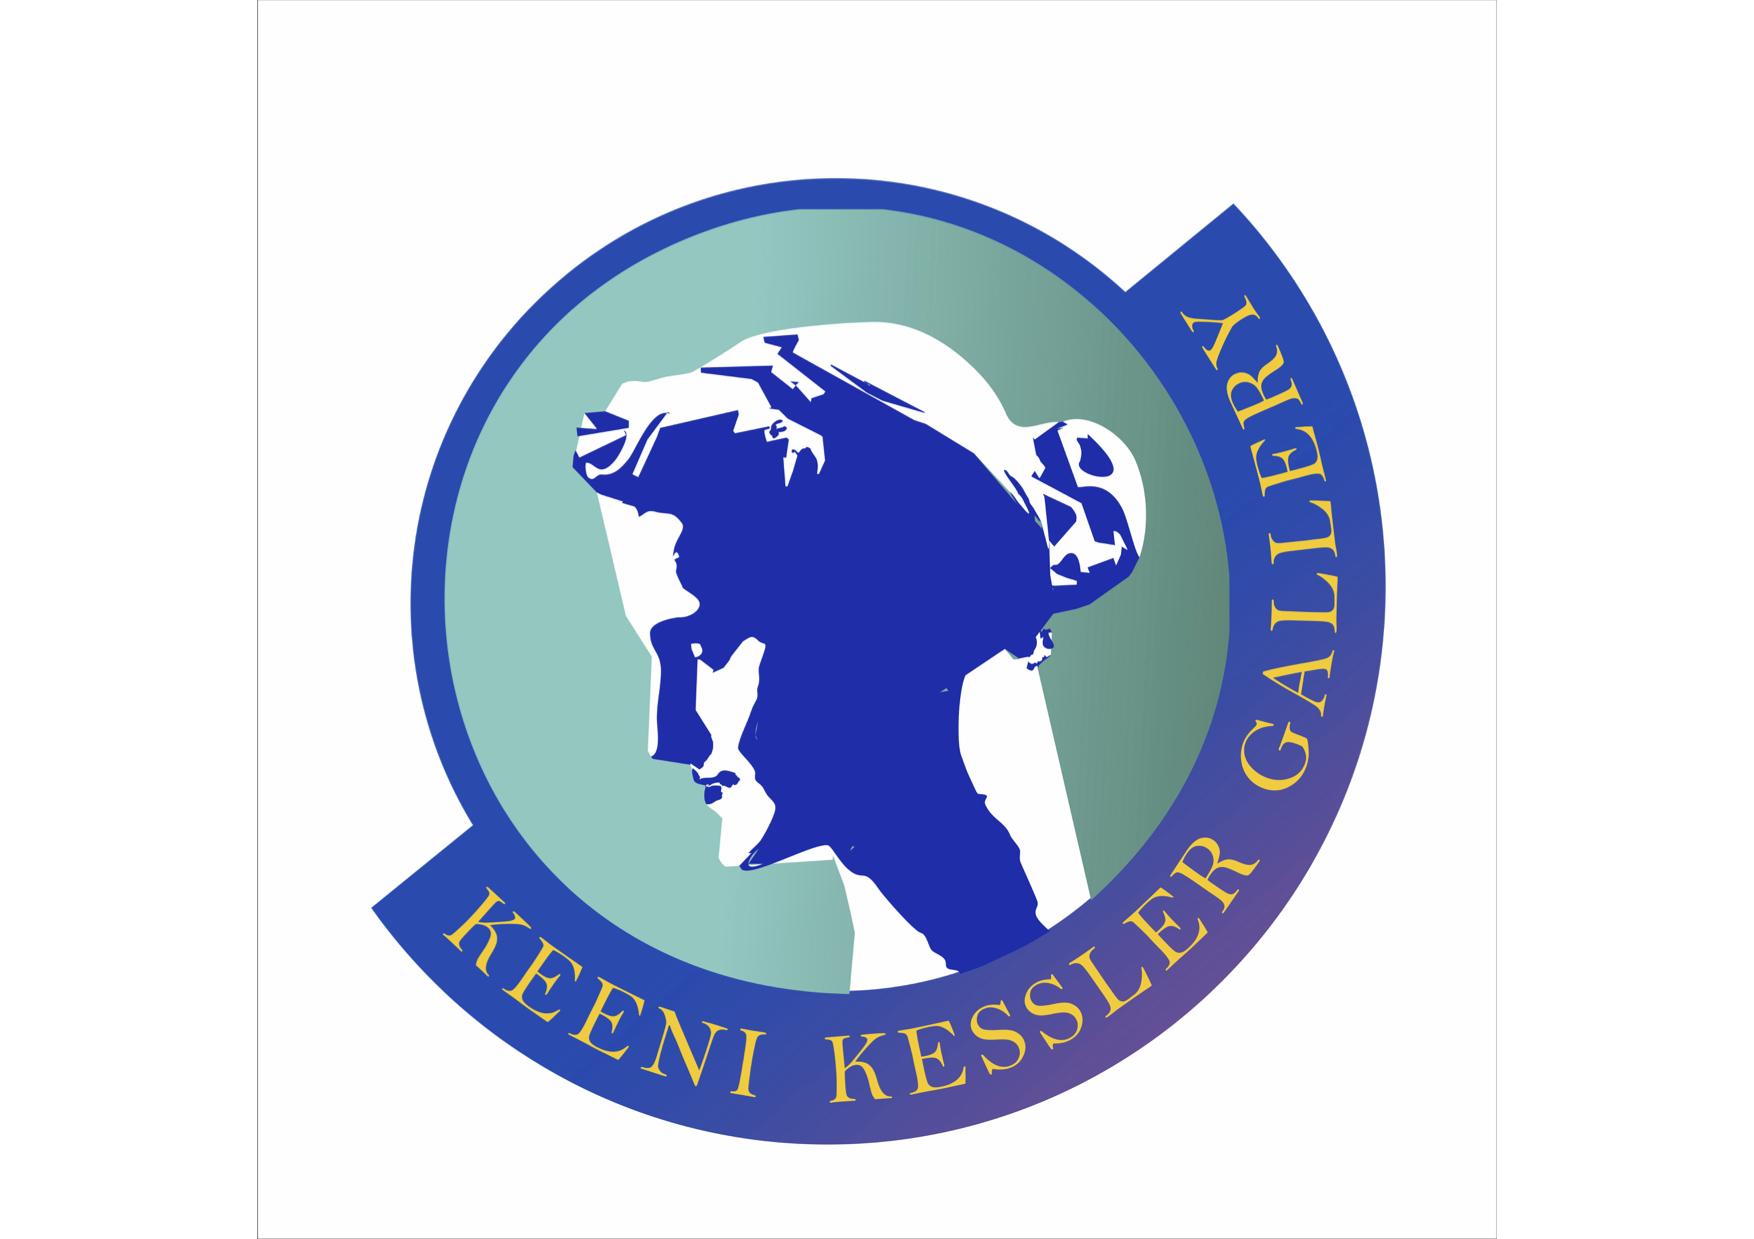 Keeni Kessler Gallery Mayfair